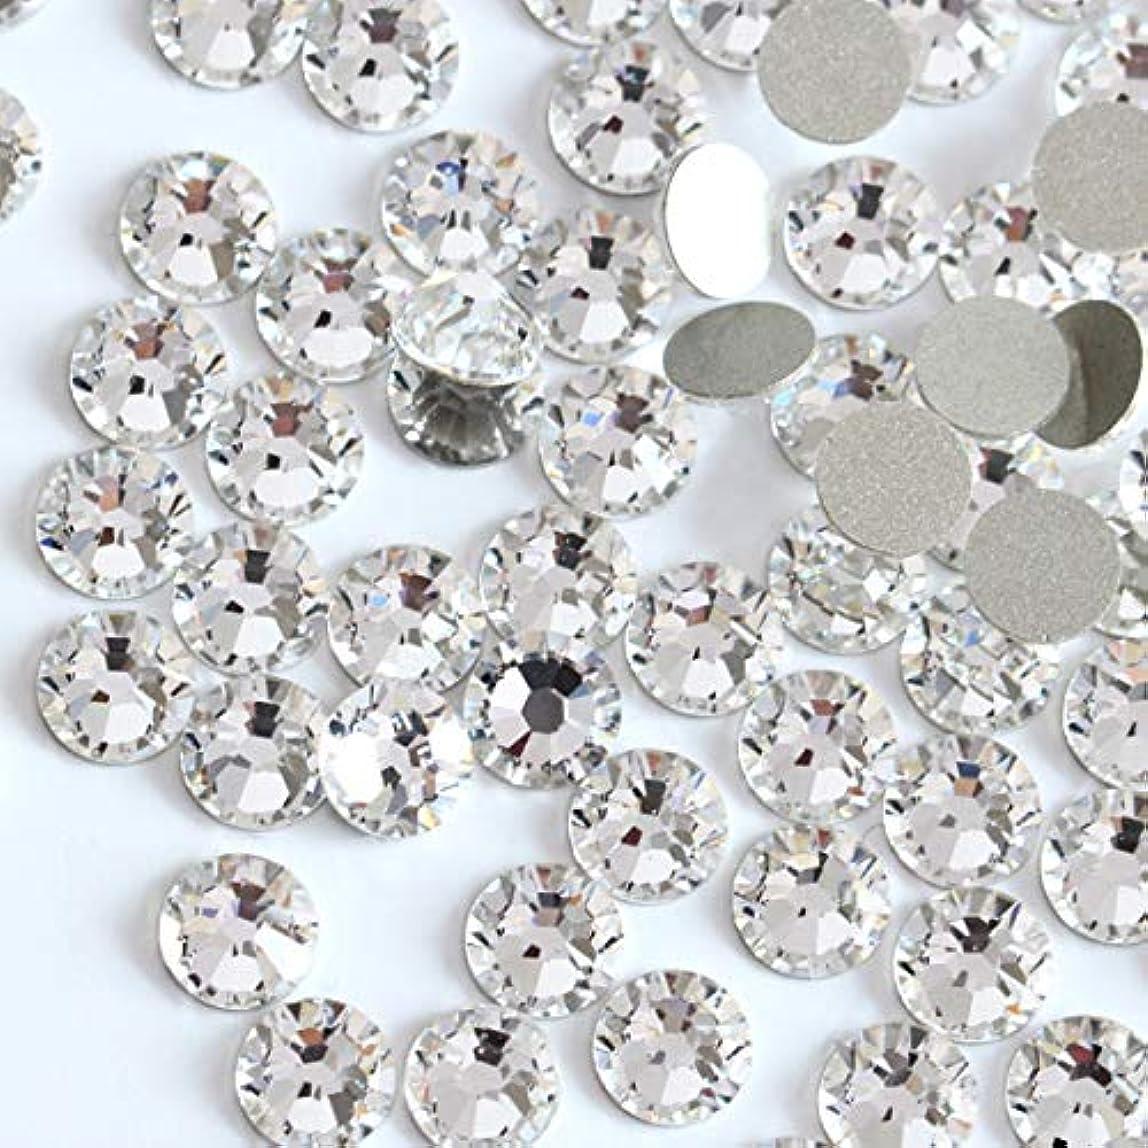 定説ジュラシックパーク胚【ラインストーン77】高品質ガラス製ラインストーン クリスタル SS3(1.3mm)約1440粒